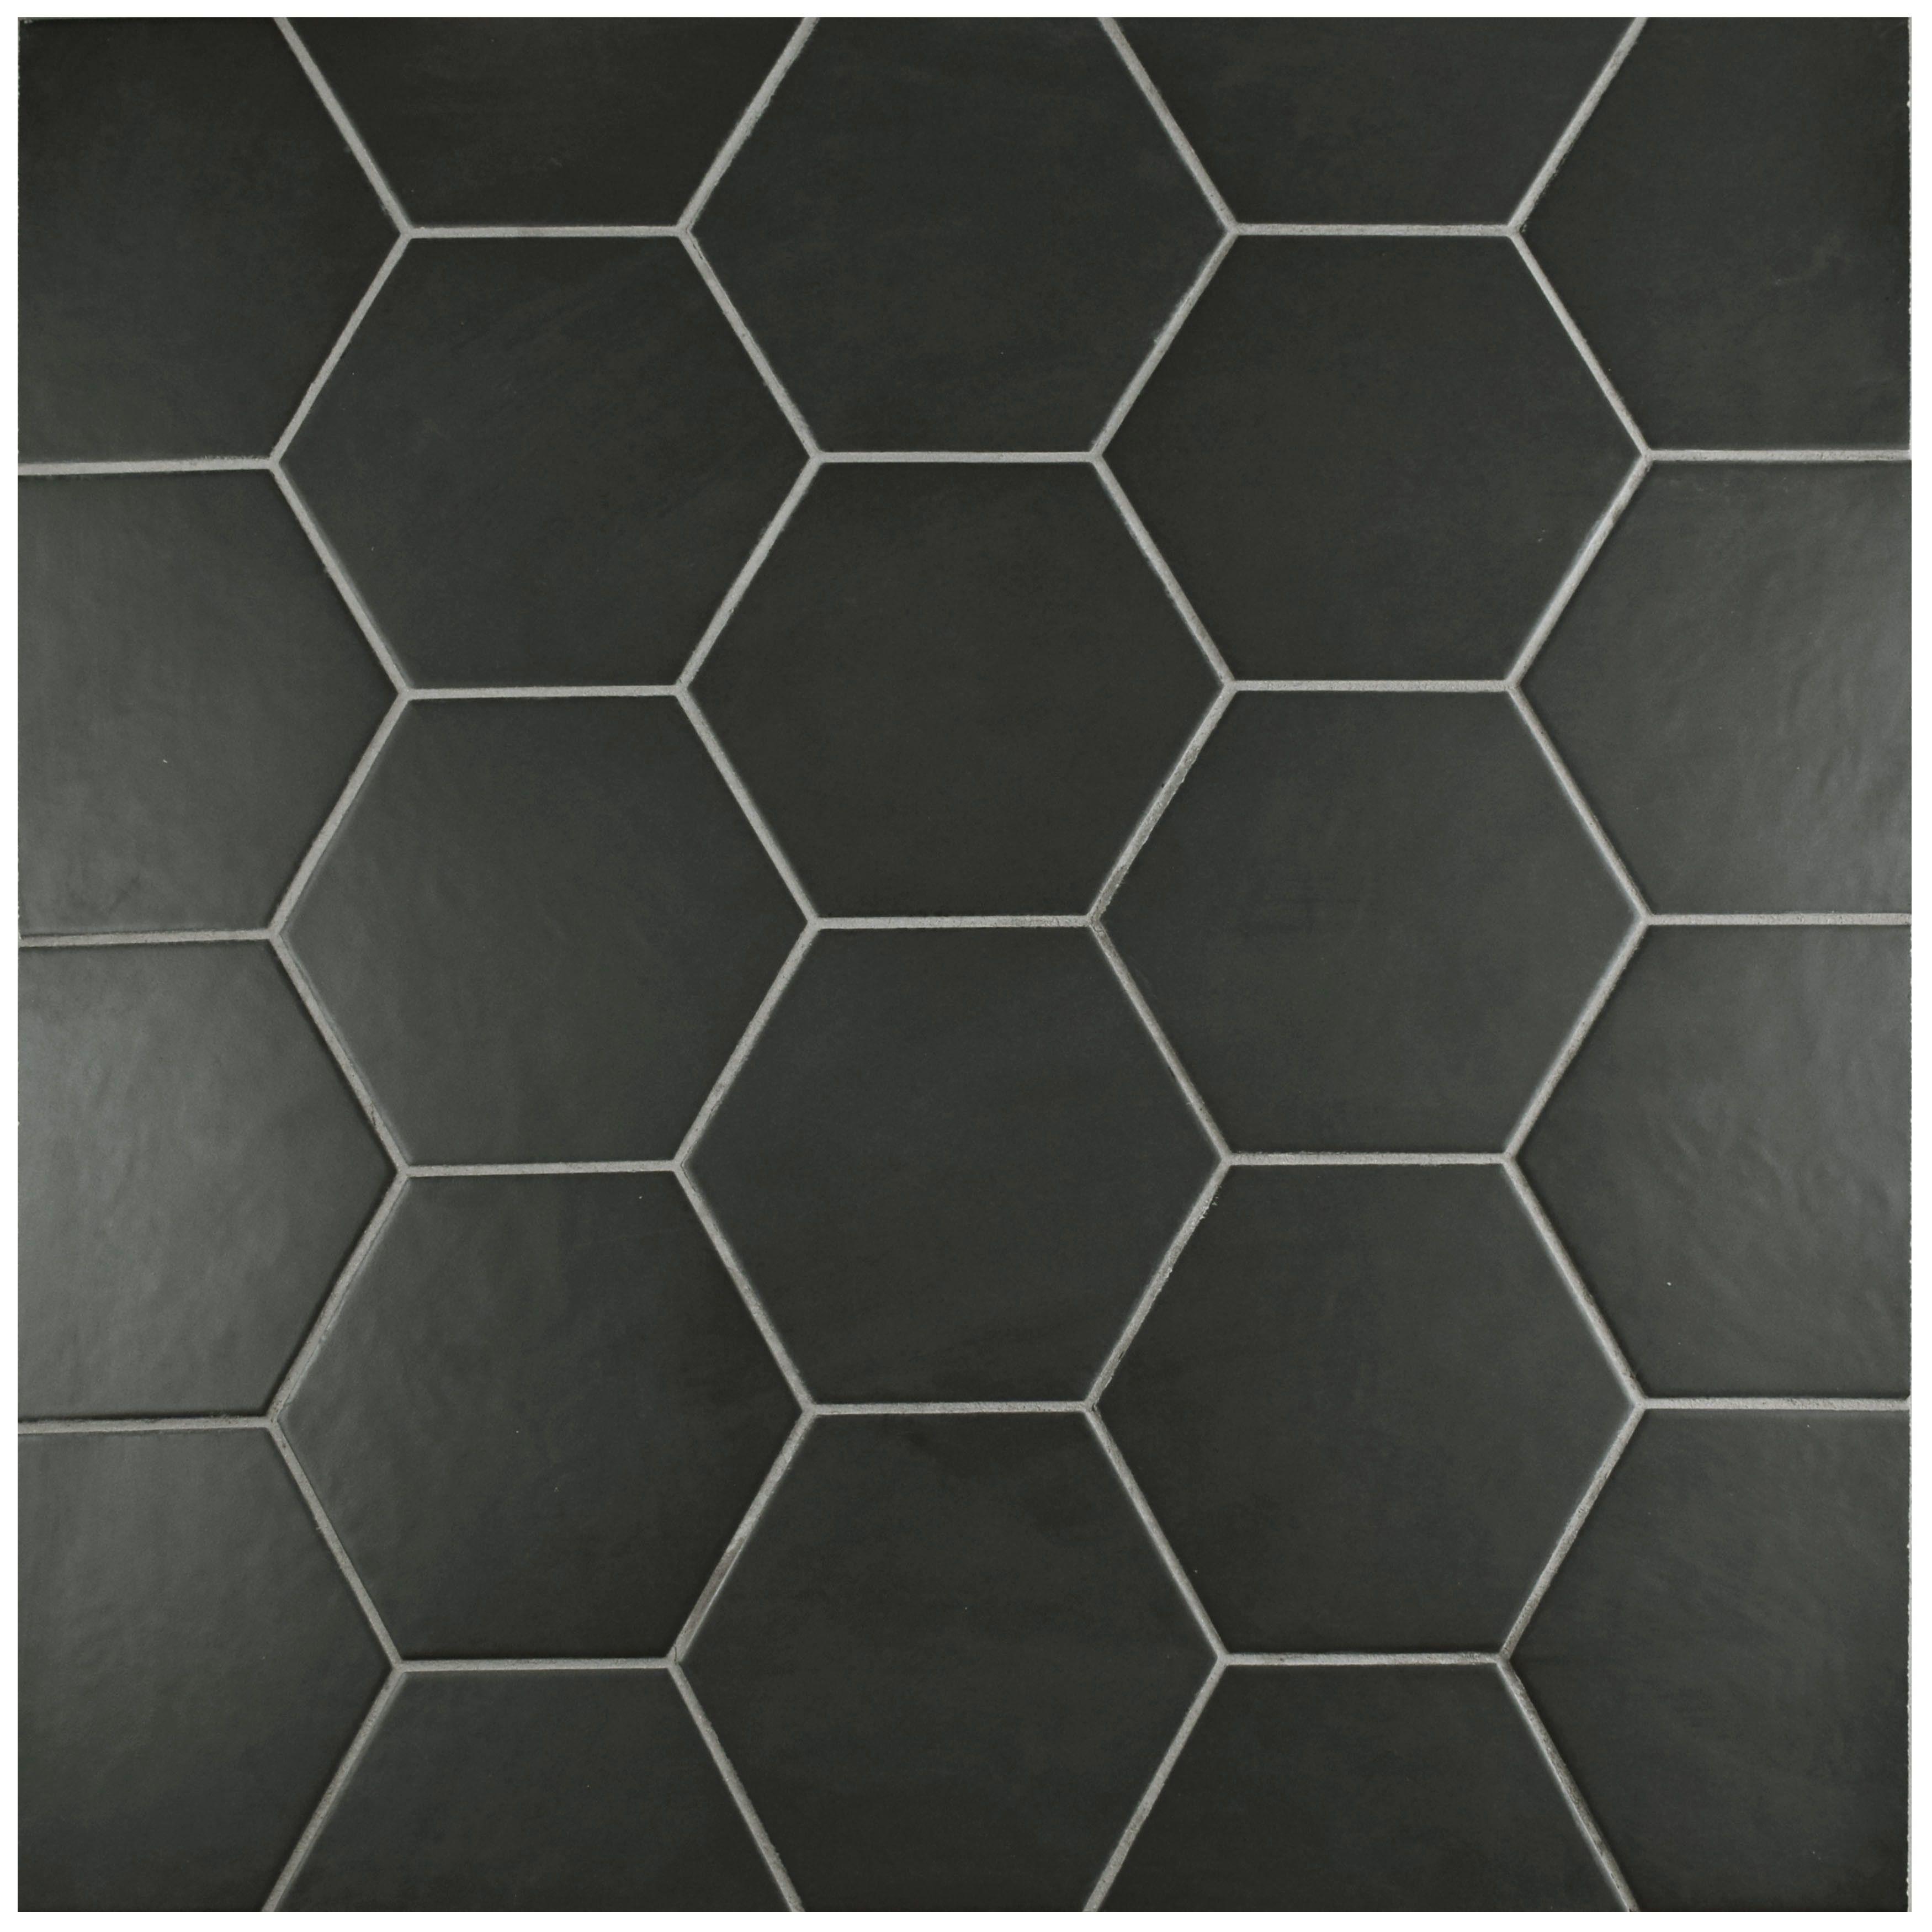 Hexitile 7 Quot X 8 Quot Porcelain Field Tile Honeycomb Tile